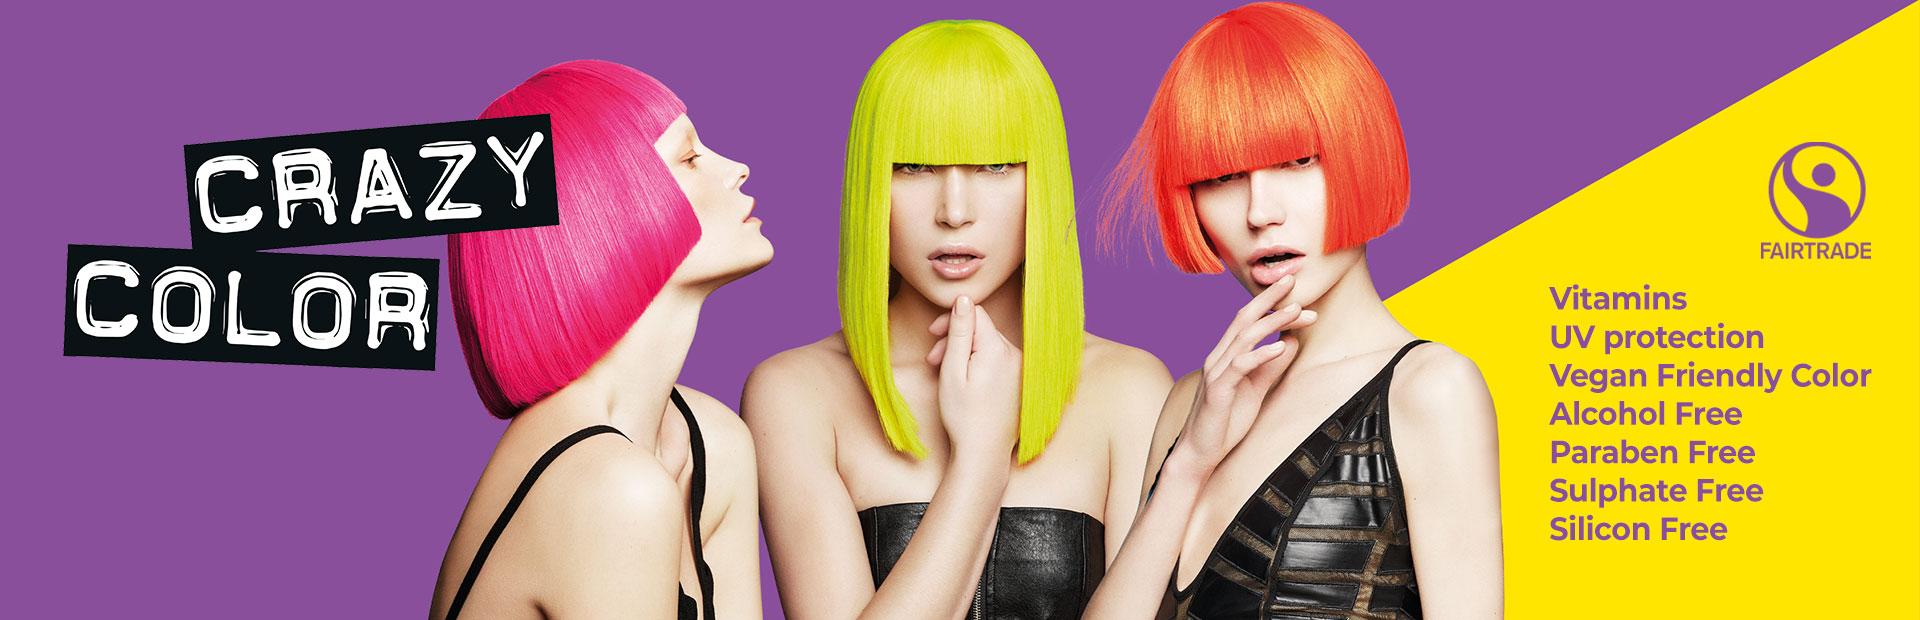 Barvy na vlasy Crazy Color